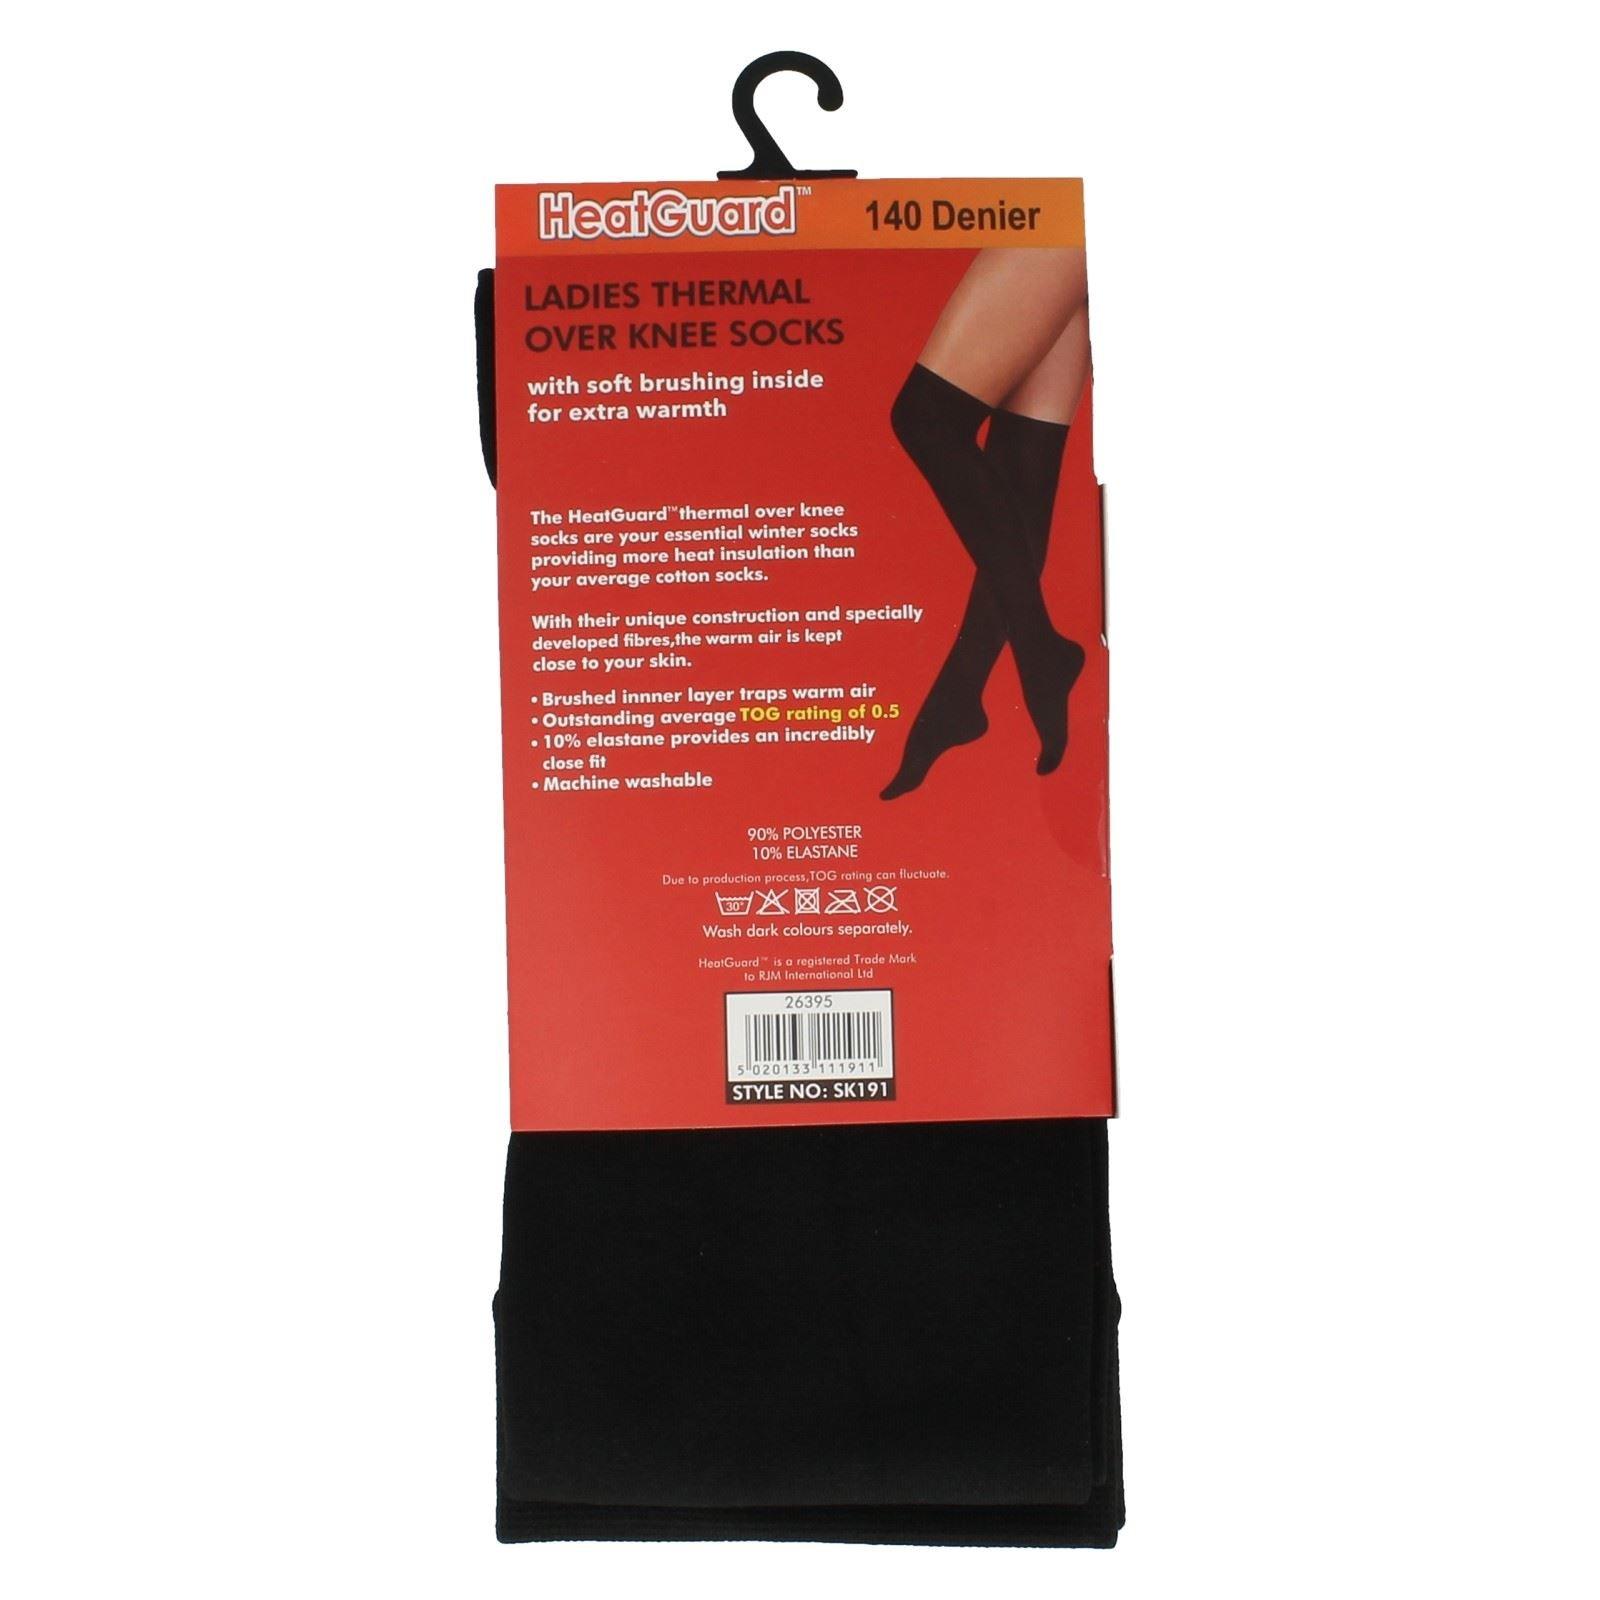 HeatGuard Ladies Thermal Over the Knee Socks Black 4-7